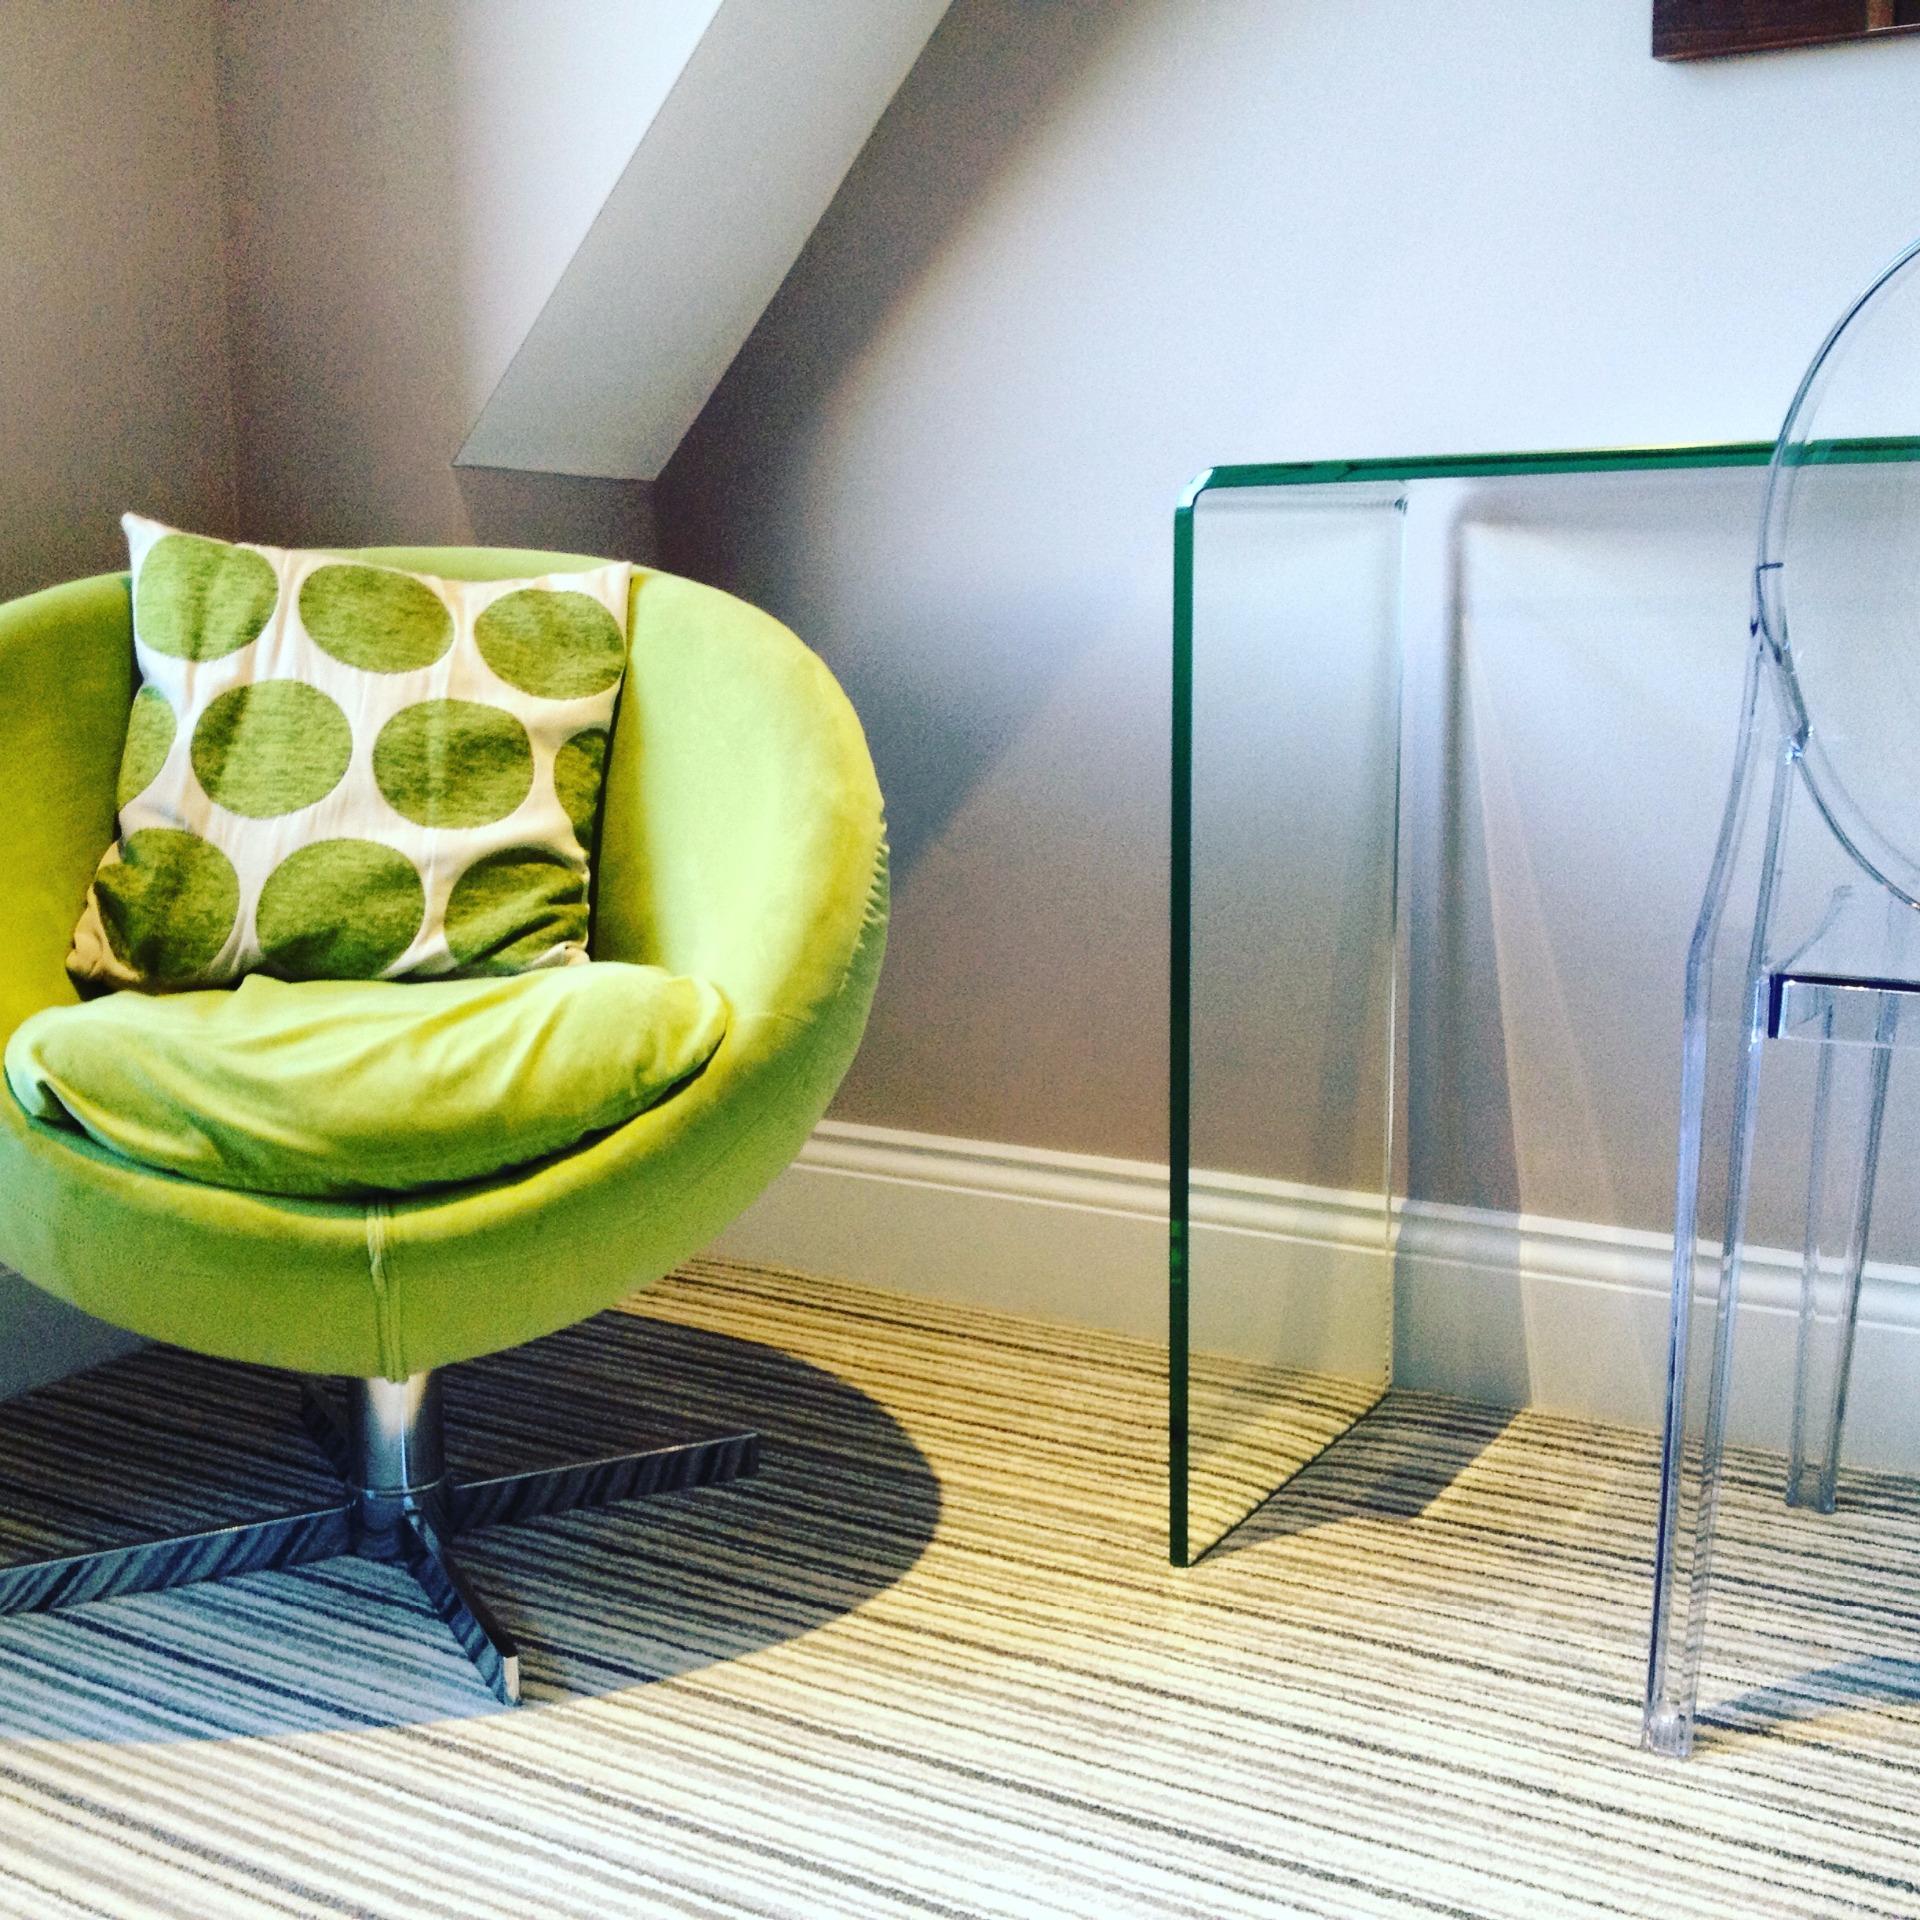 Self Catering Accommodation in Harrogate | Harrogate ...